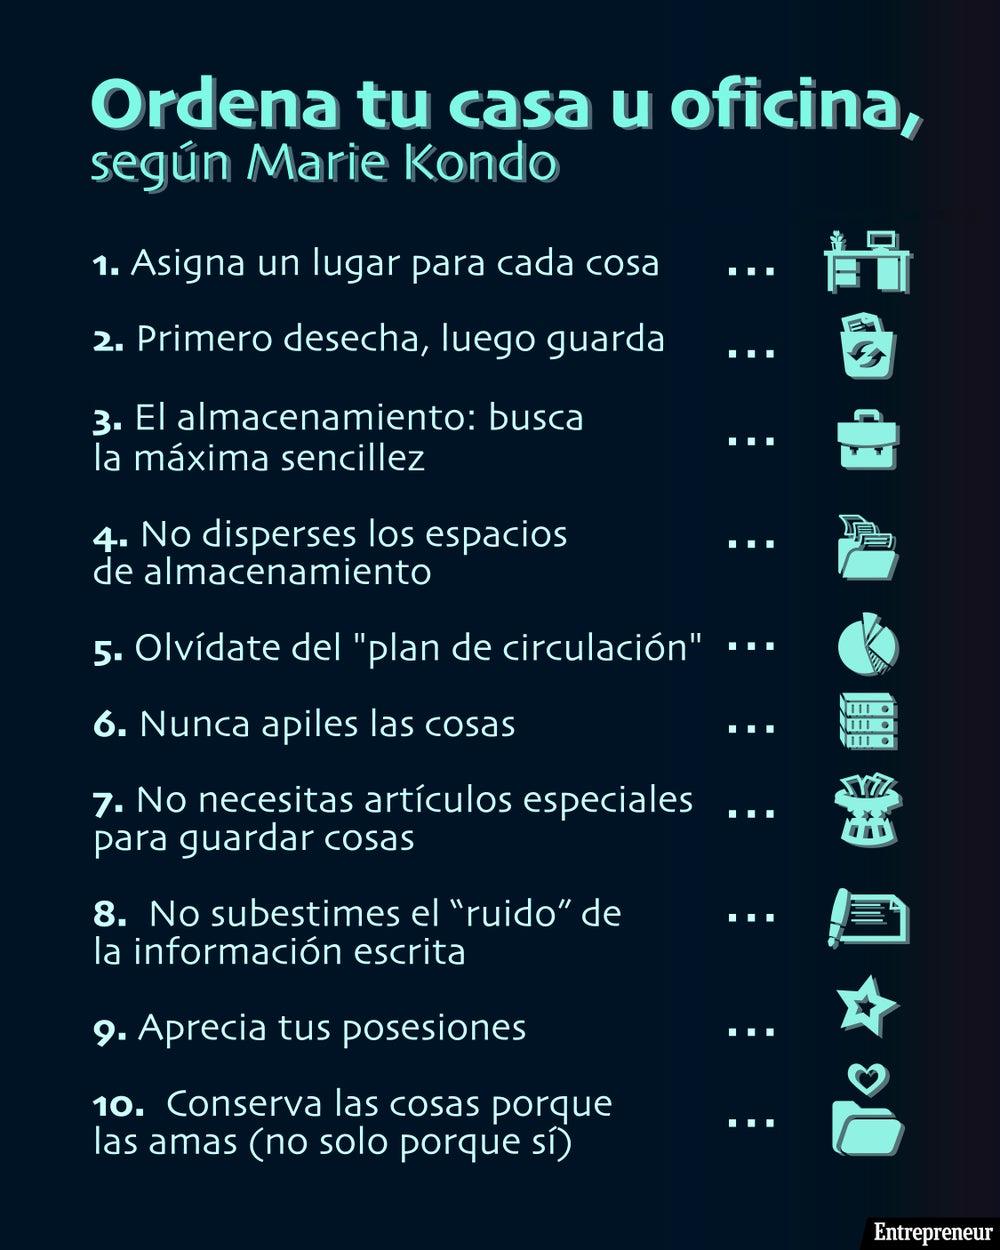 Con información del libro: La Magia del Orden, de Marie Kondo.